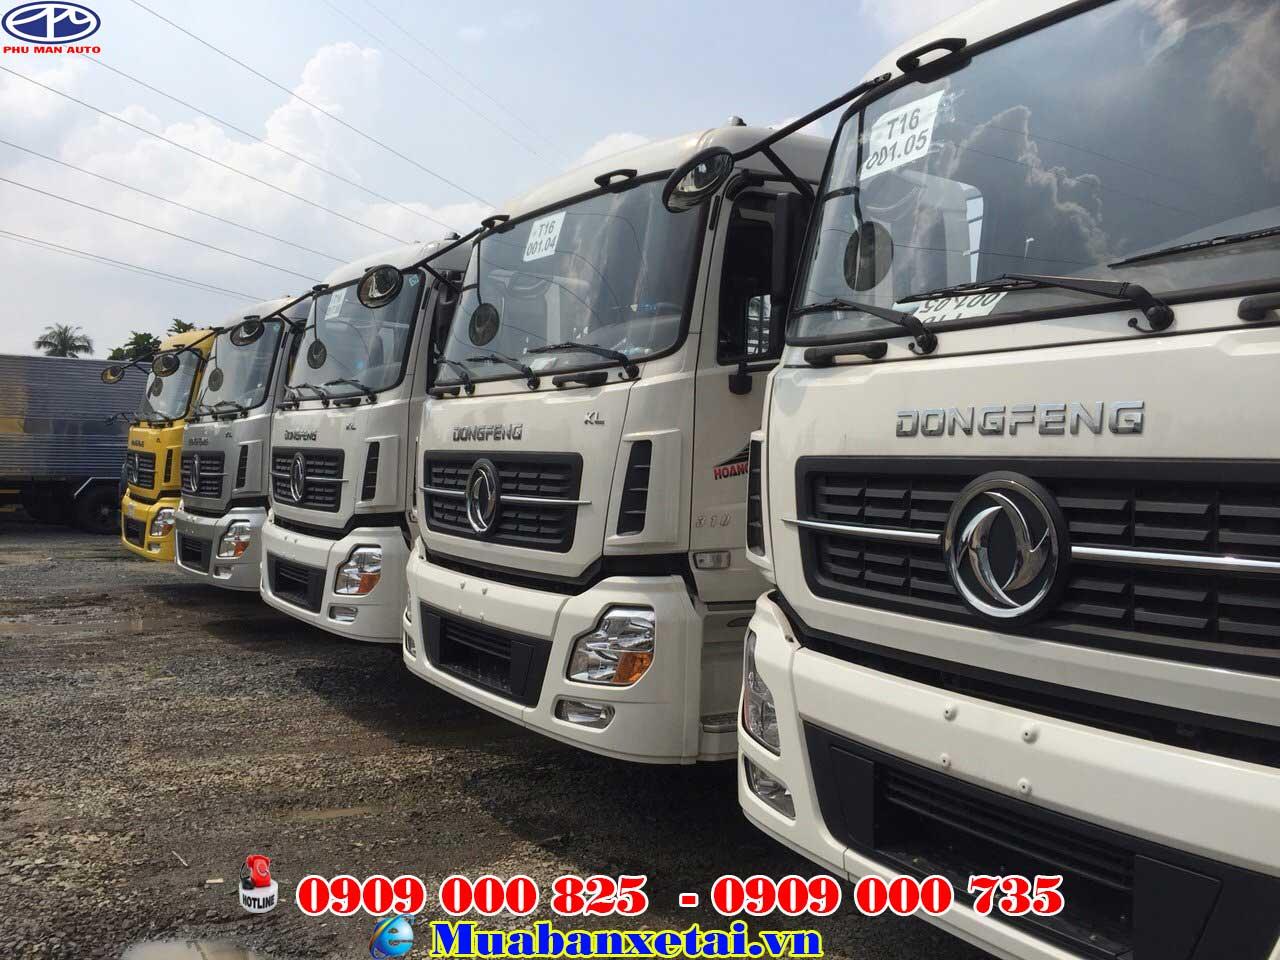 Xe tải Dongfeng YC310